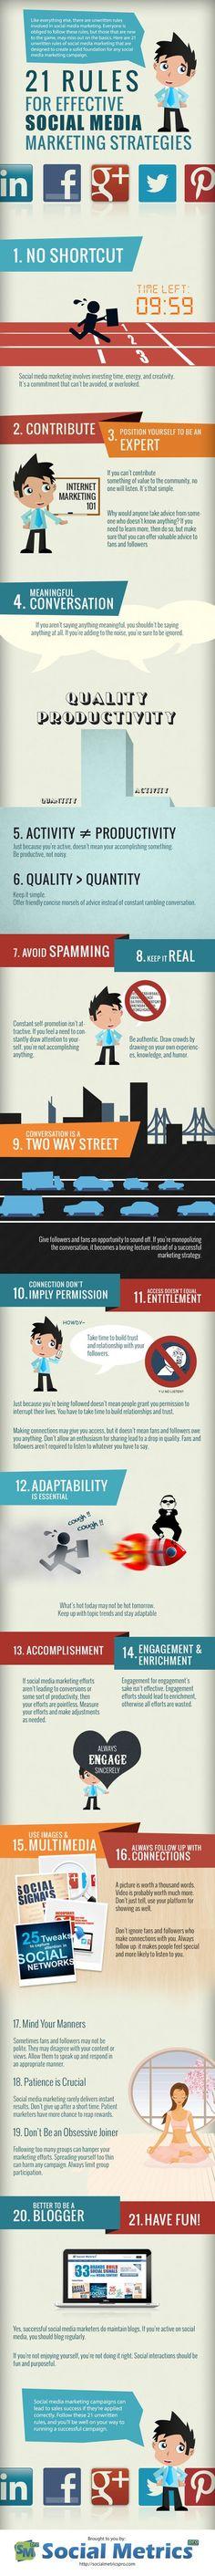 21 reglas no escritas de social media marketing | Jesús Alfaro | Marketing Comunidad